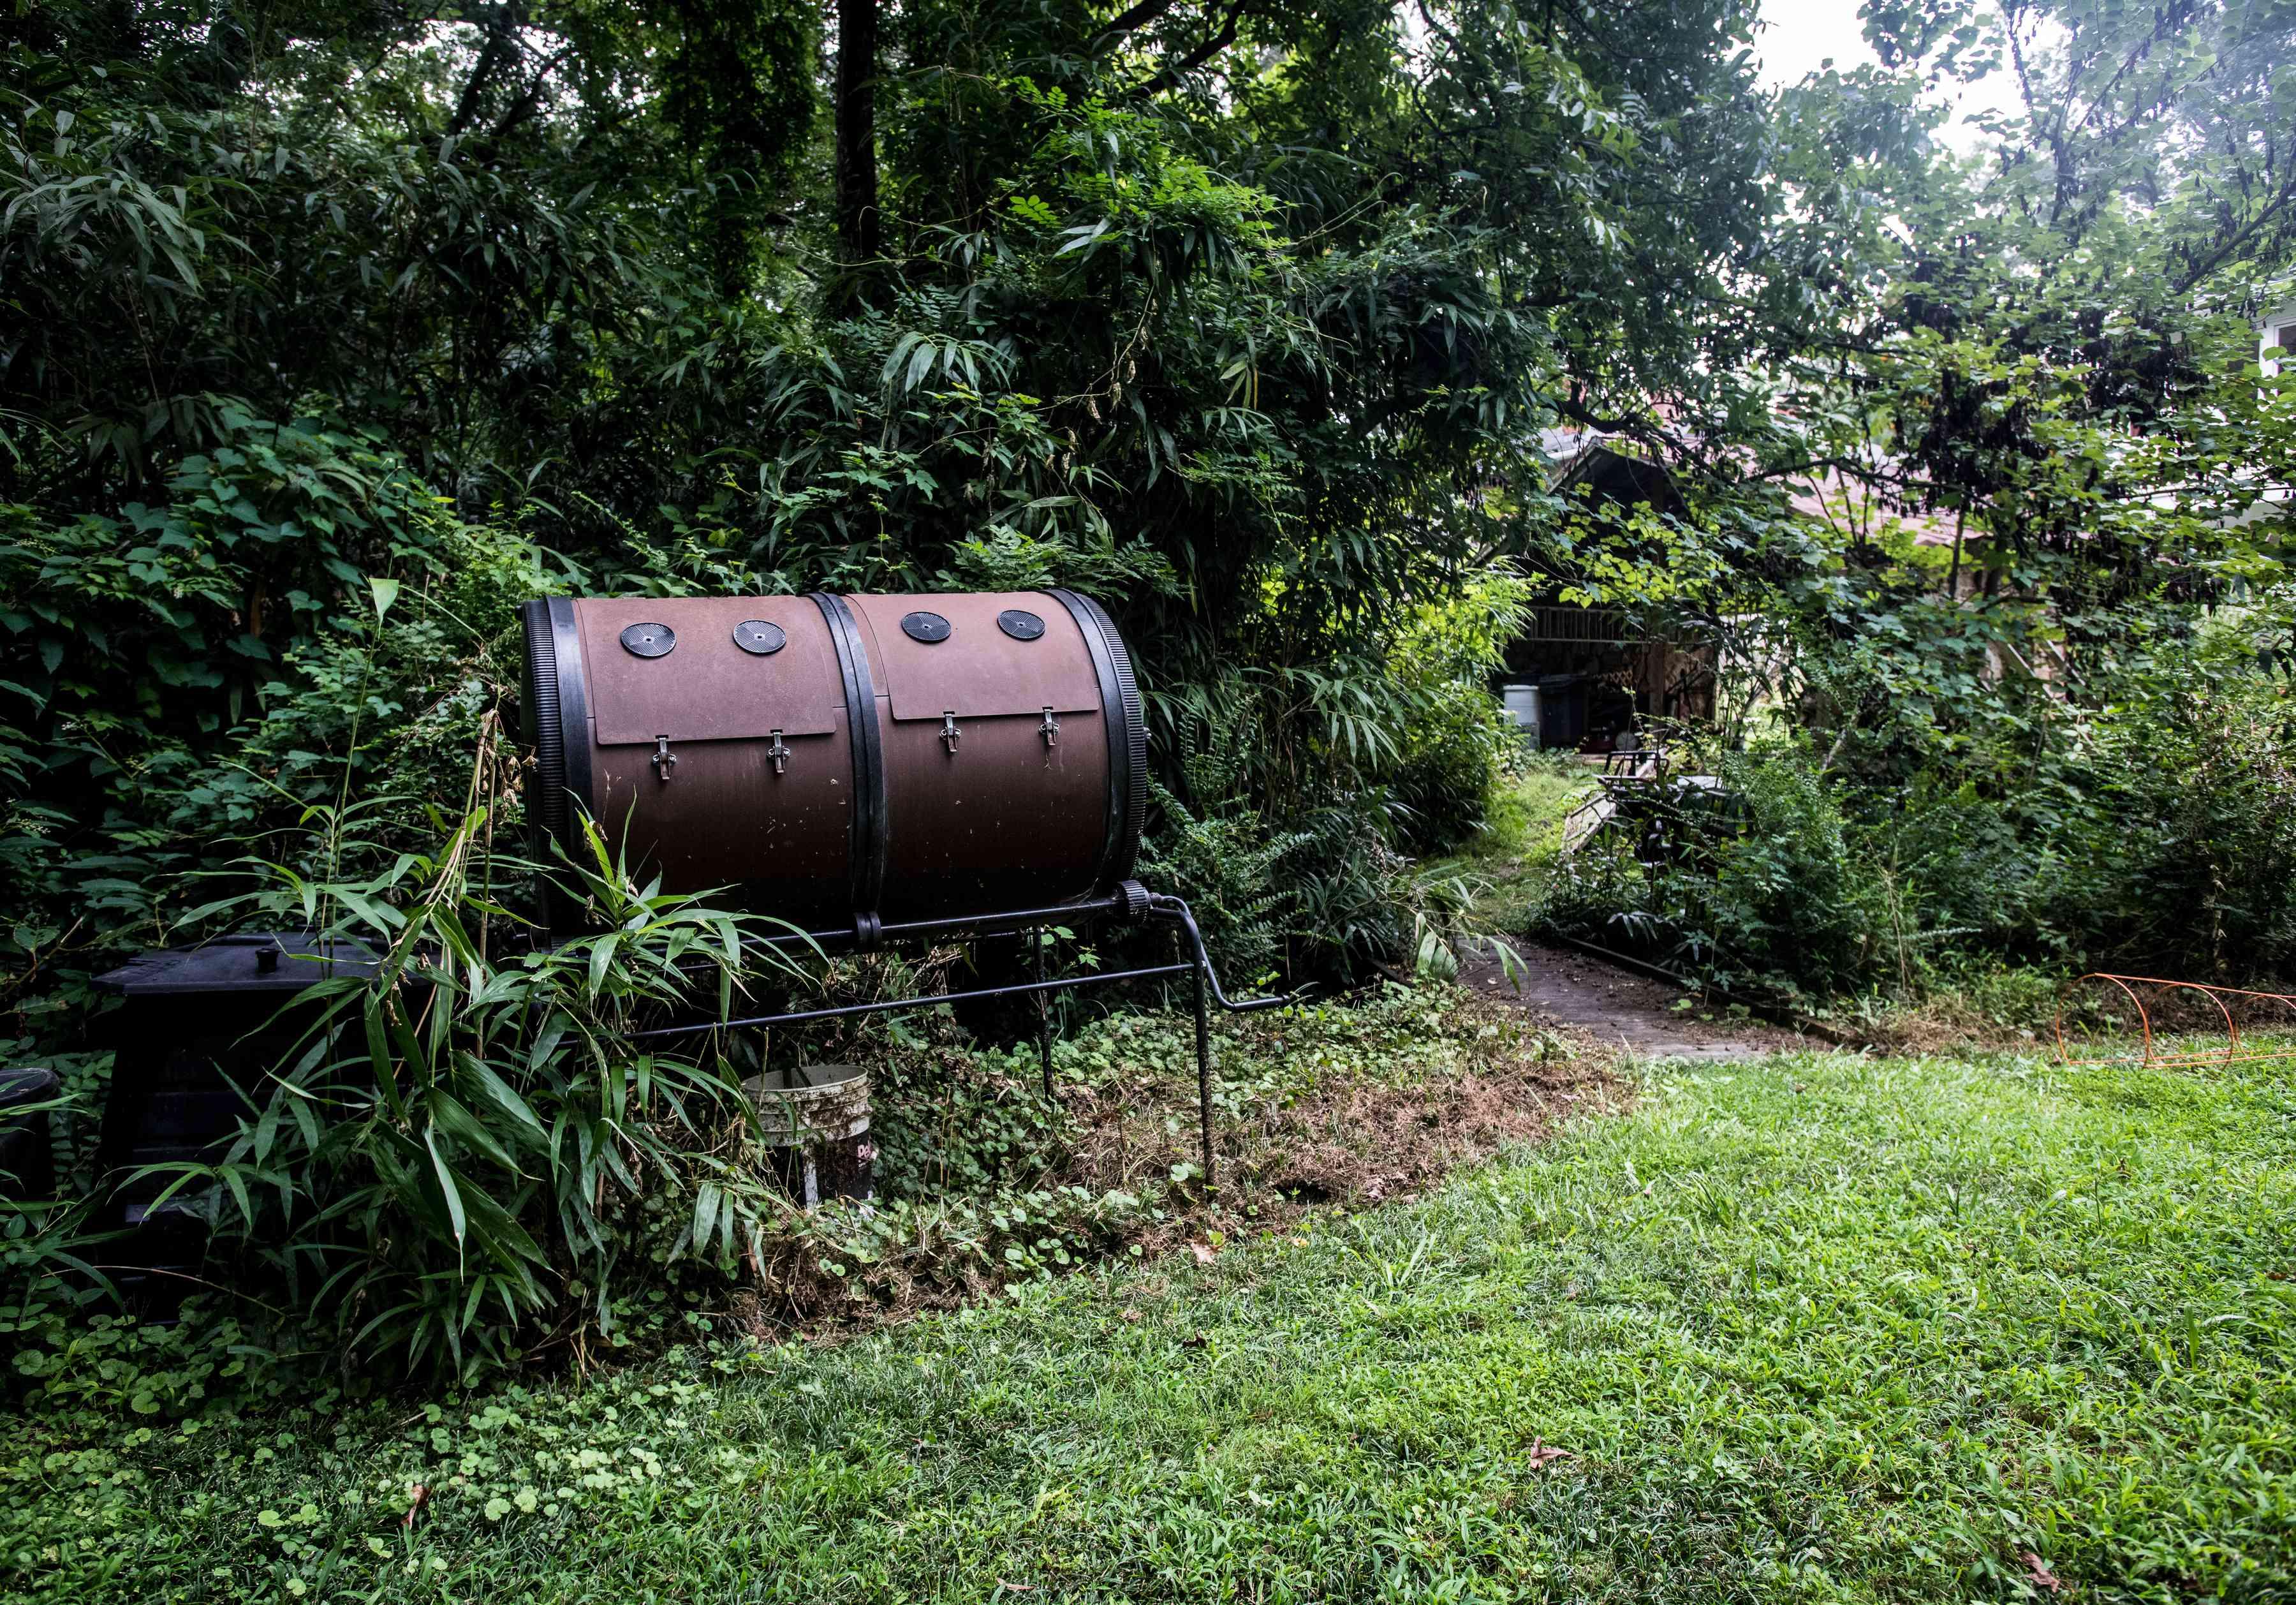 brown double barrel compost bin outside in greenery